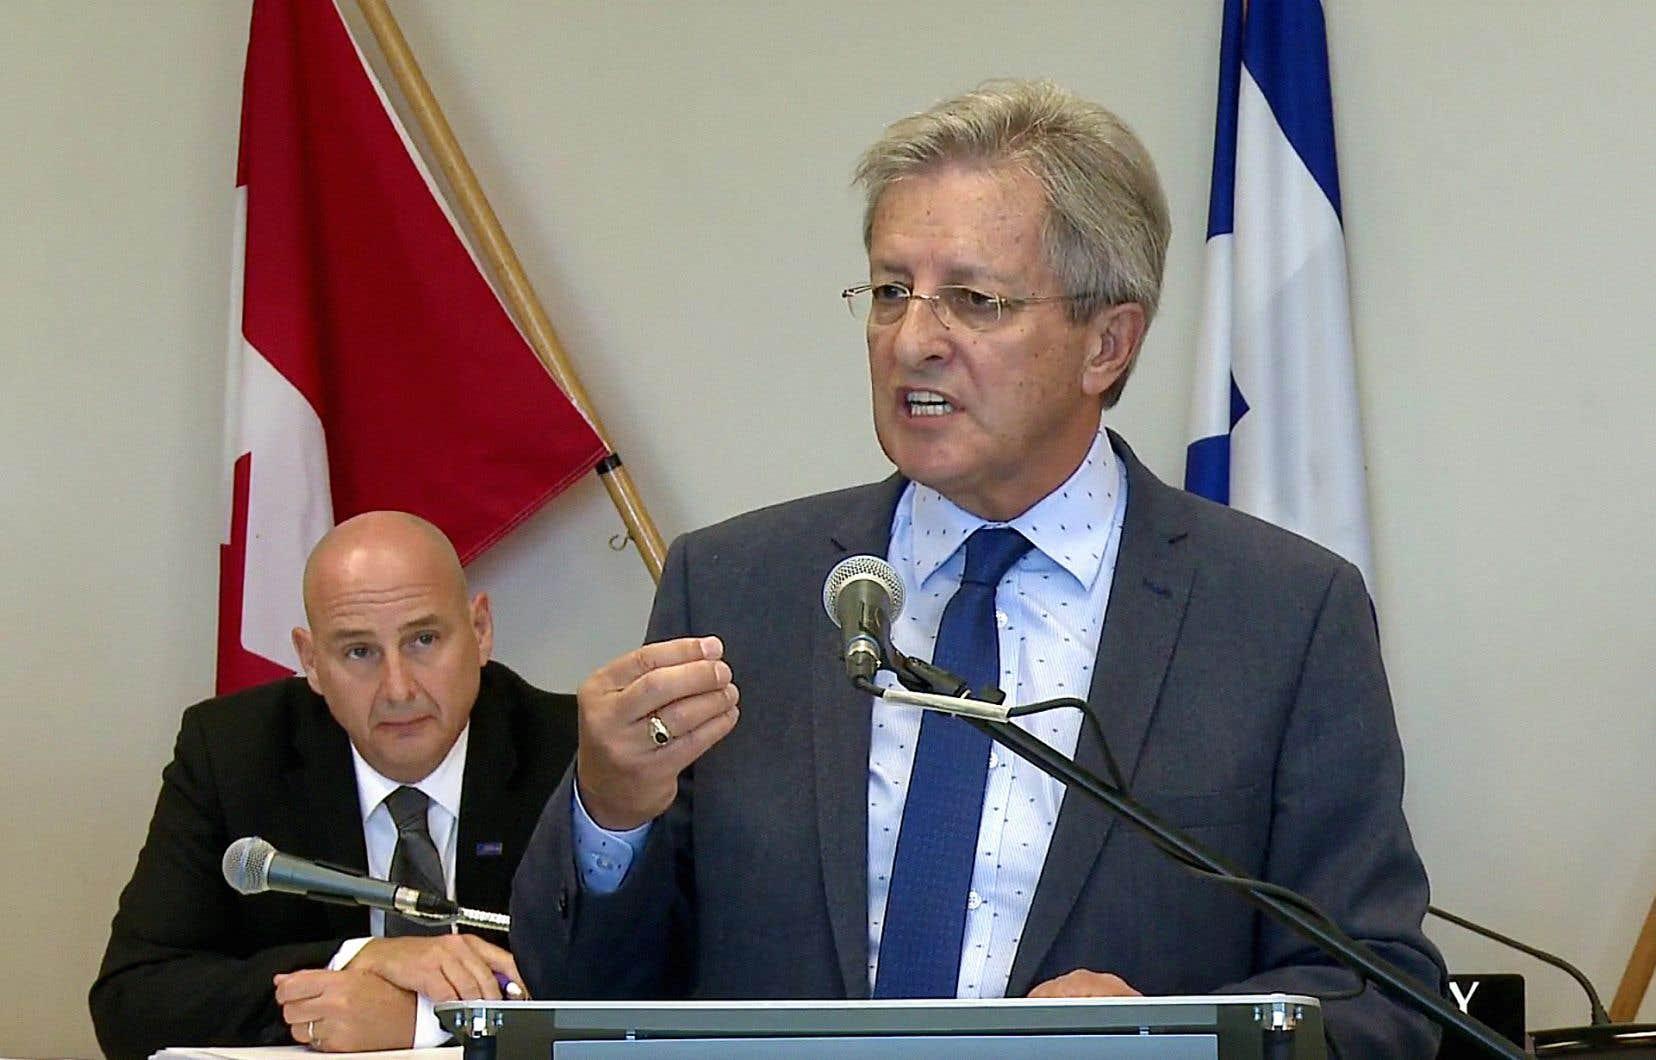 Le maire Jean Tremblay, pendant le conseil municipal de Saguenay le 2 octobre dernier. Sous son administration, les conseils municipaux ont été déplacés de 19 h à midi.